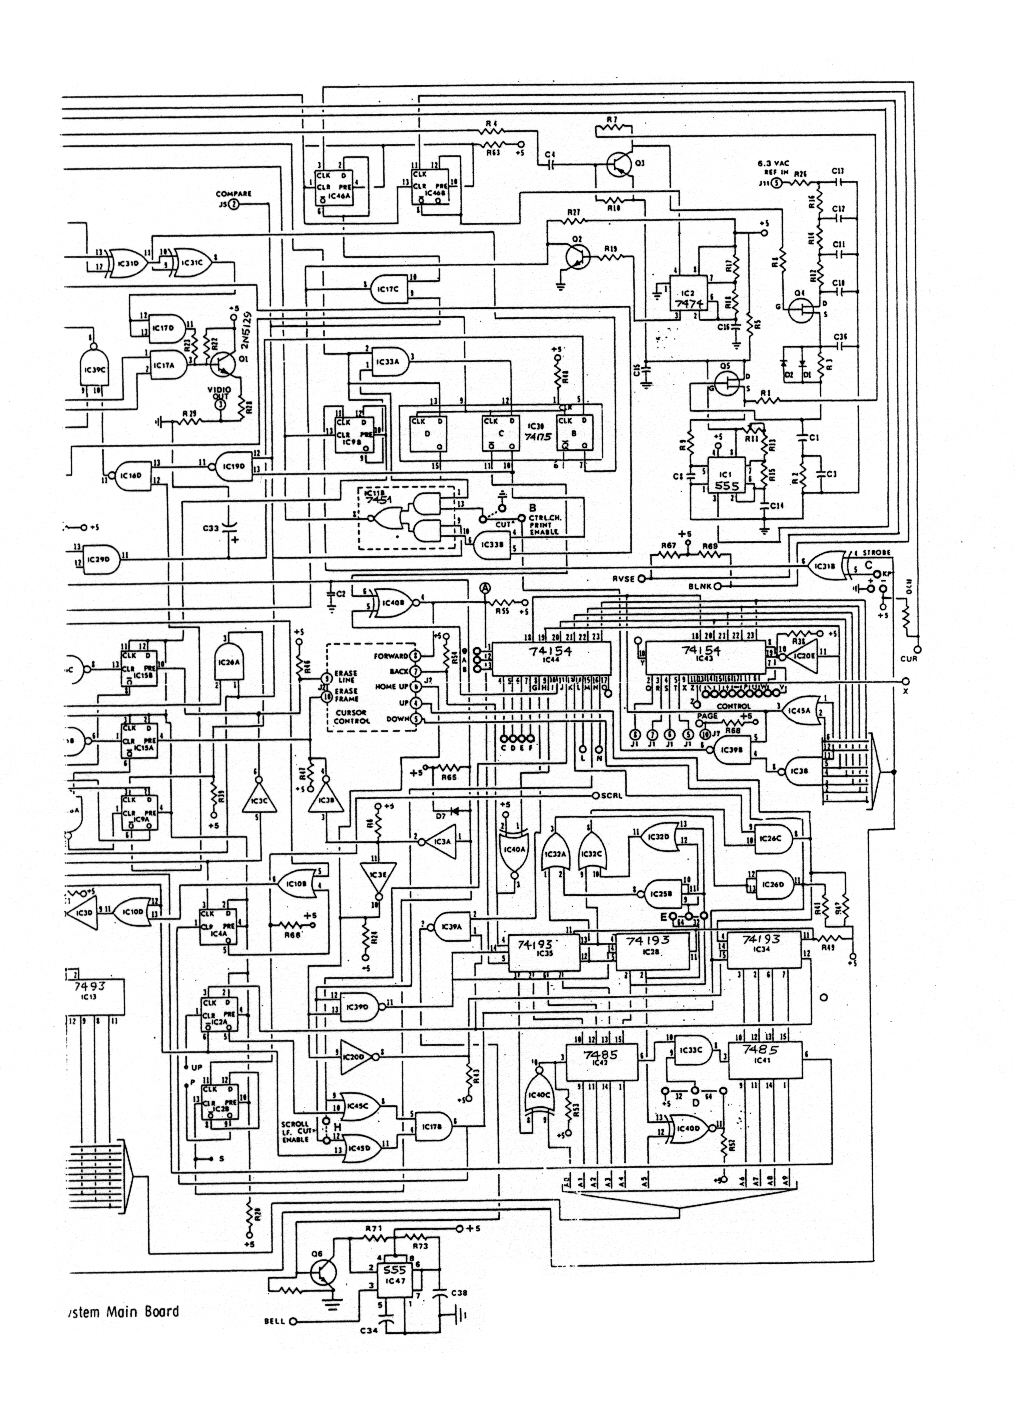 Deere Mower Drive Belt Diagram On International Scout Wiring Diagram